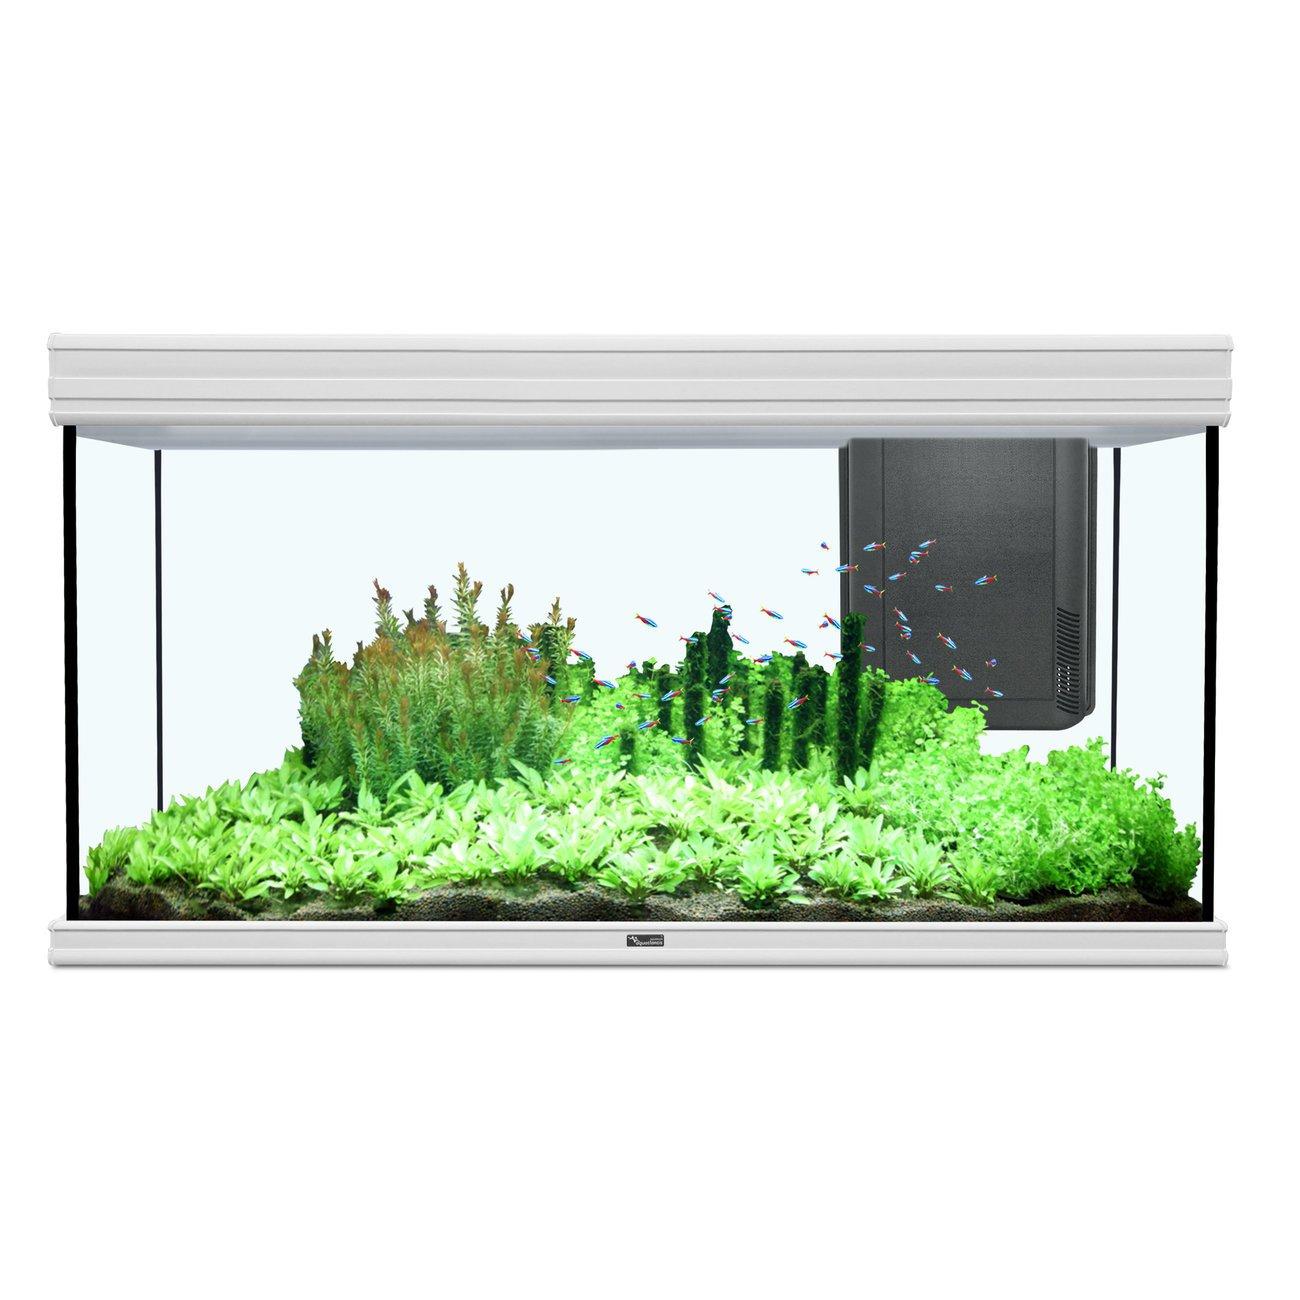 Aquatlantis Fusion 120x50cm Aquarium